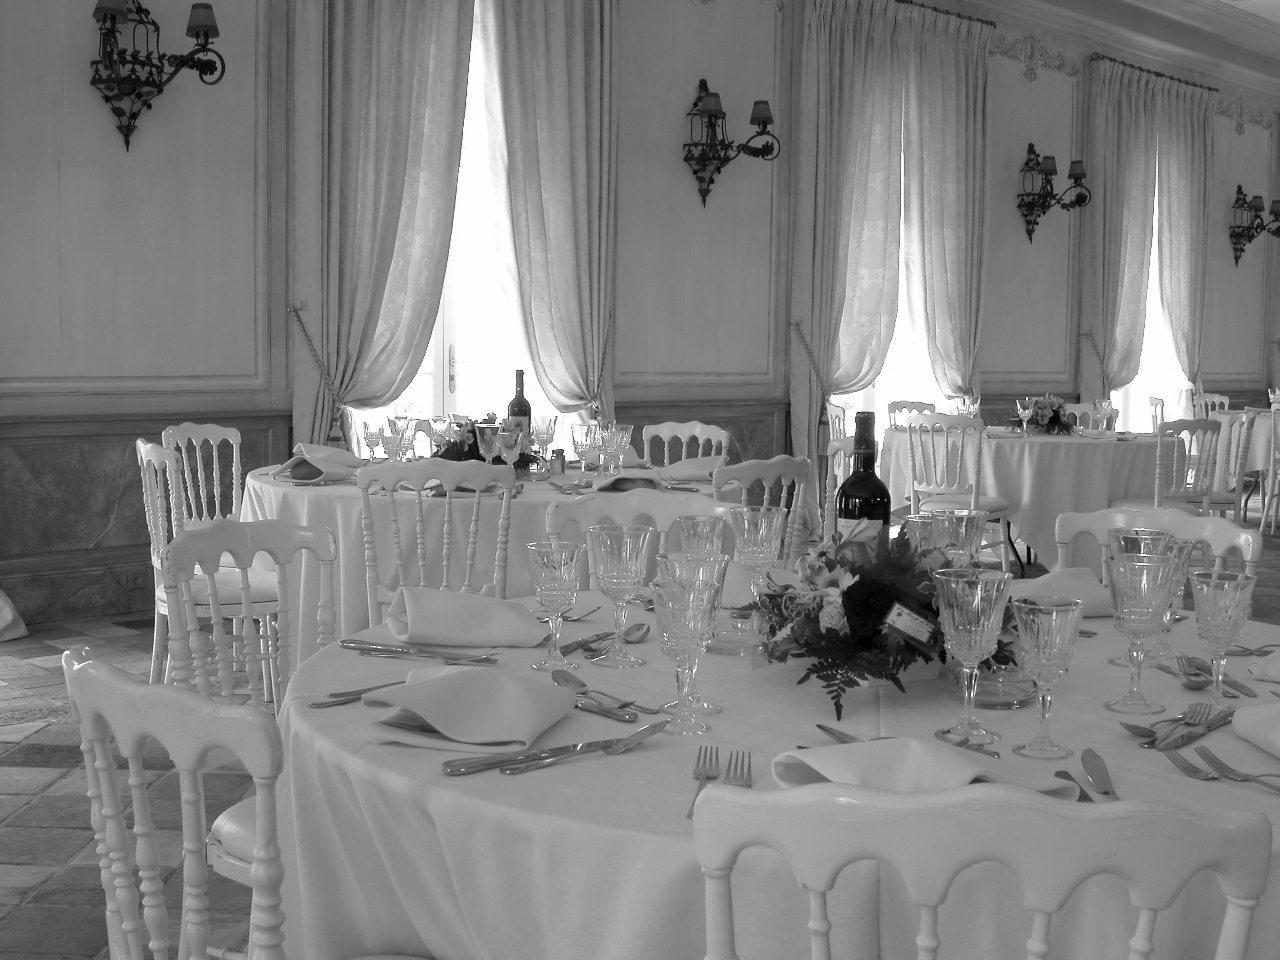 location de chaise napol on blanche sur location de mobilier et mat riels pour. Black Bedroom Furniture Sets. Home Design Ideas